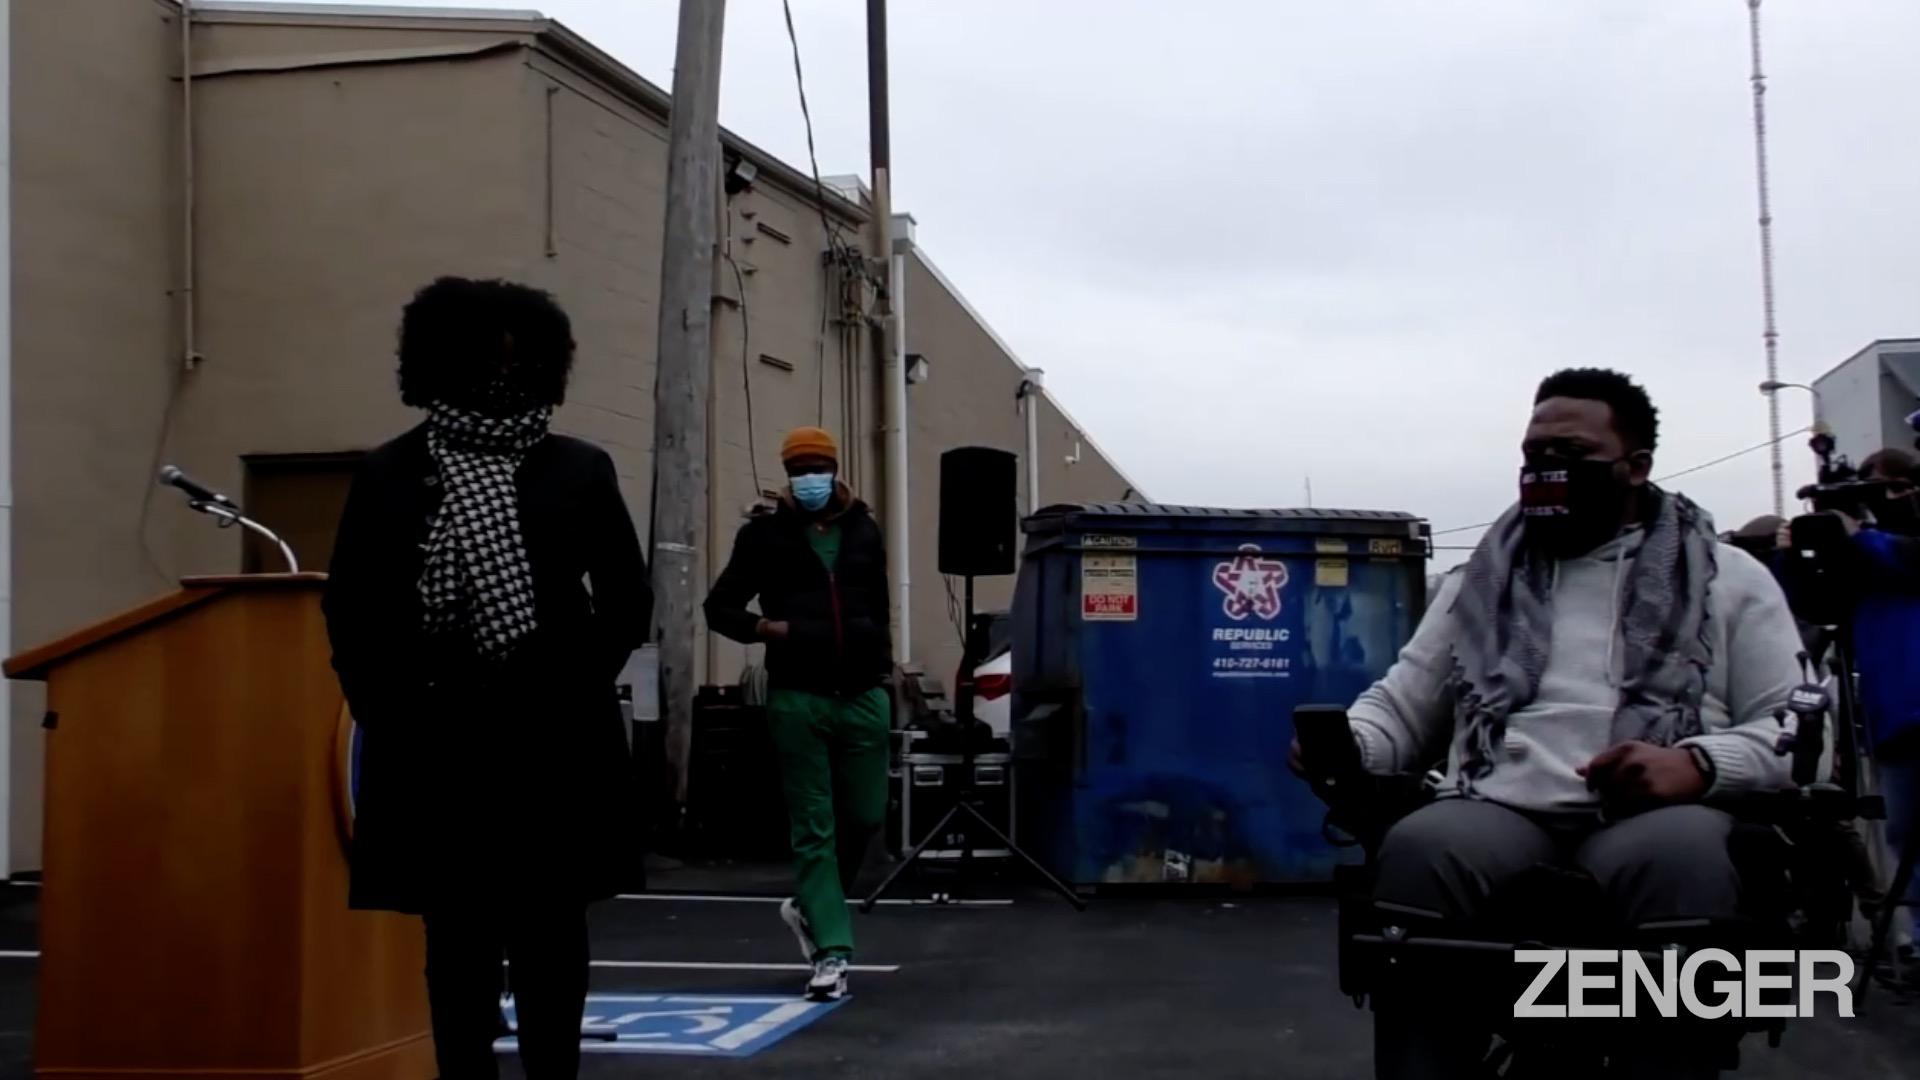 Hi-Tech Wheelchair Accessible Van for Baltimore's Hero Cop